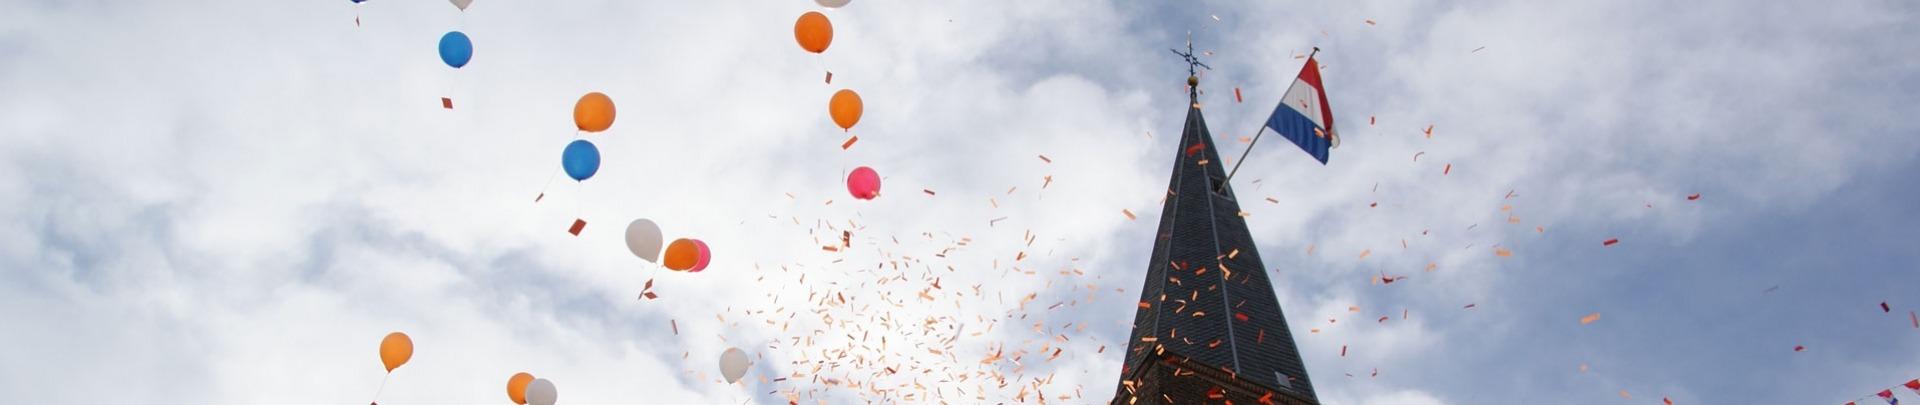 Kerktoren met ballonnen